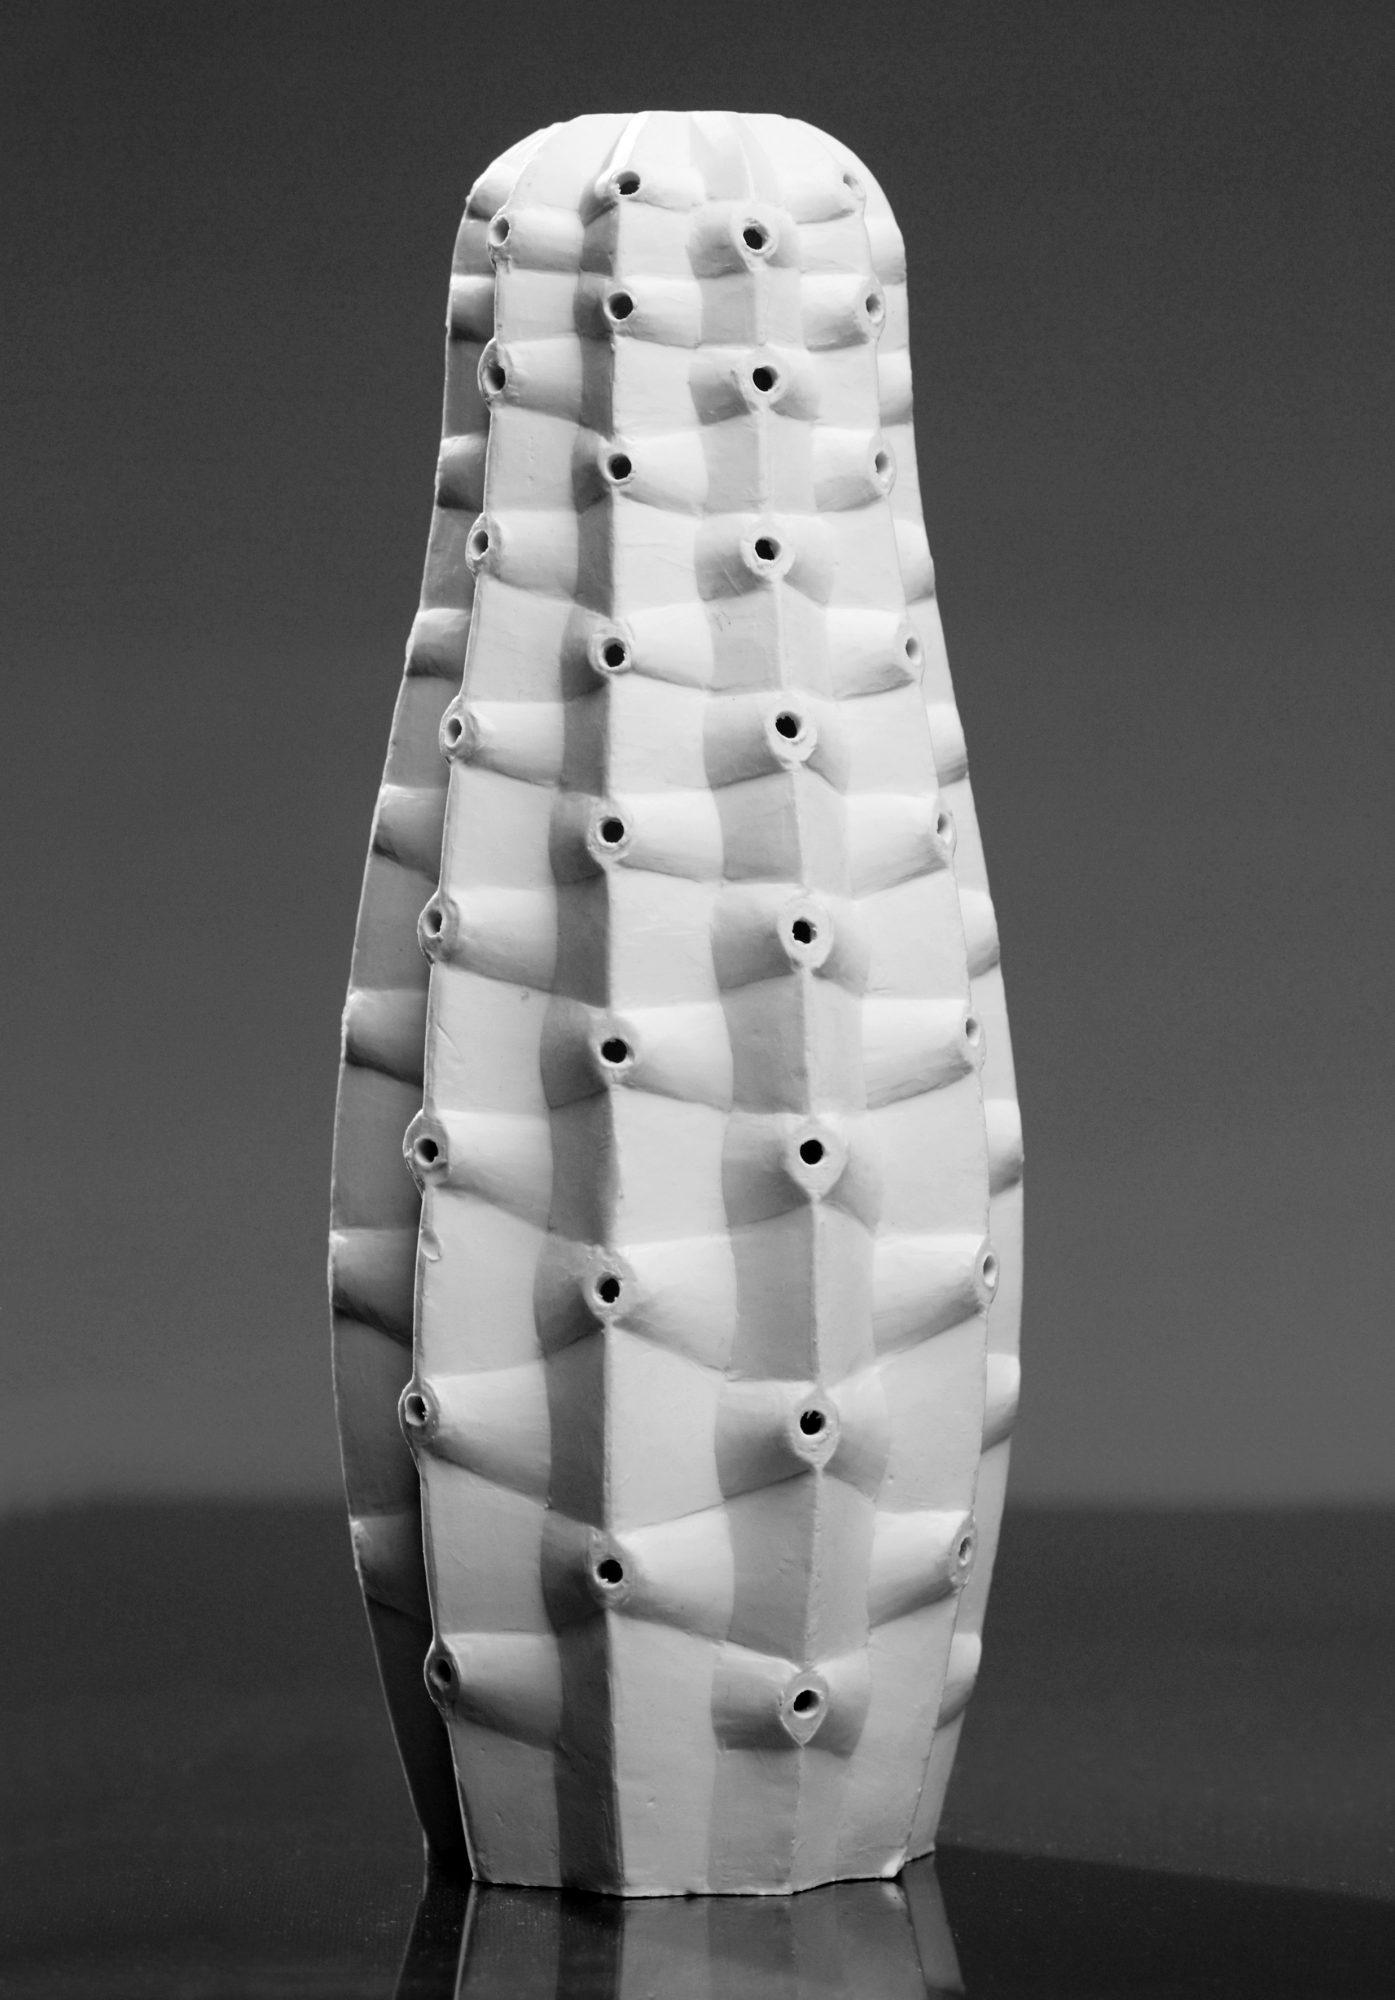 Fotodokumentation von Skulpturen